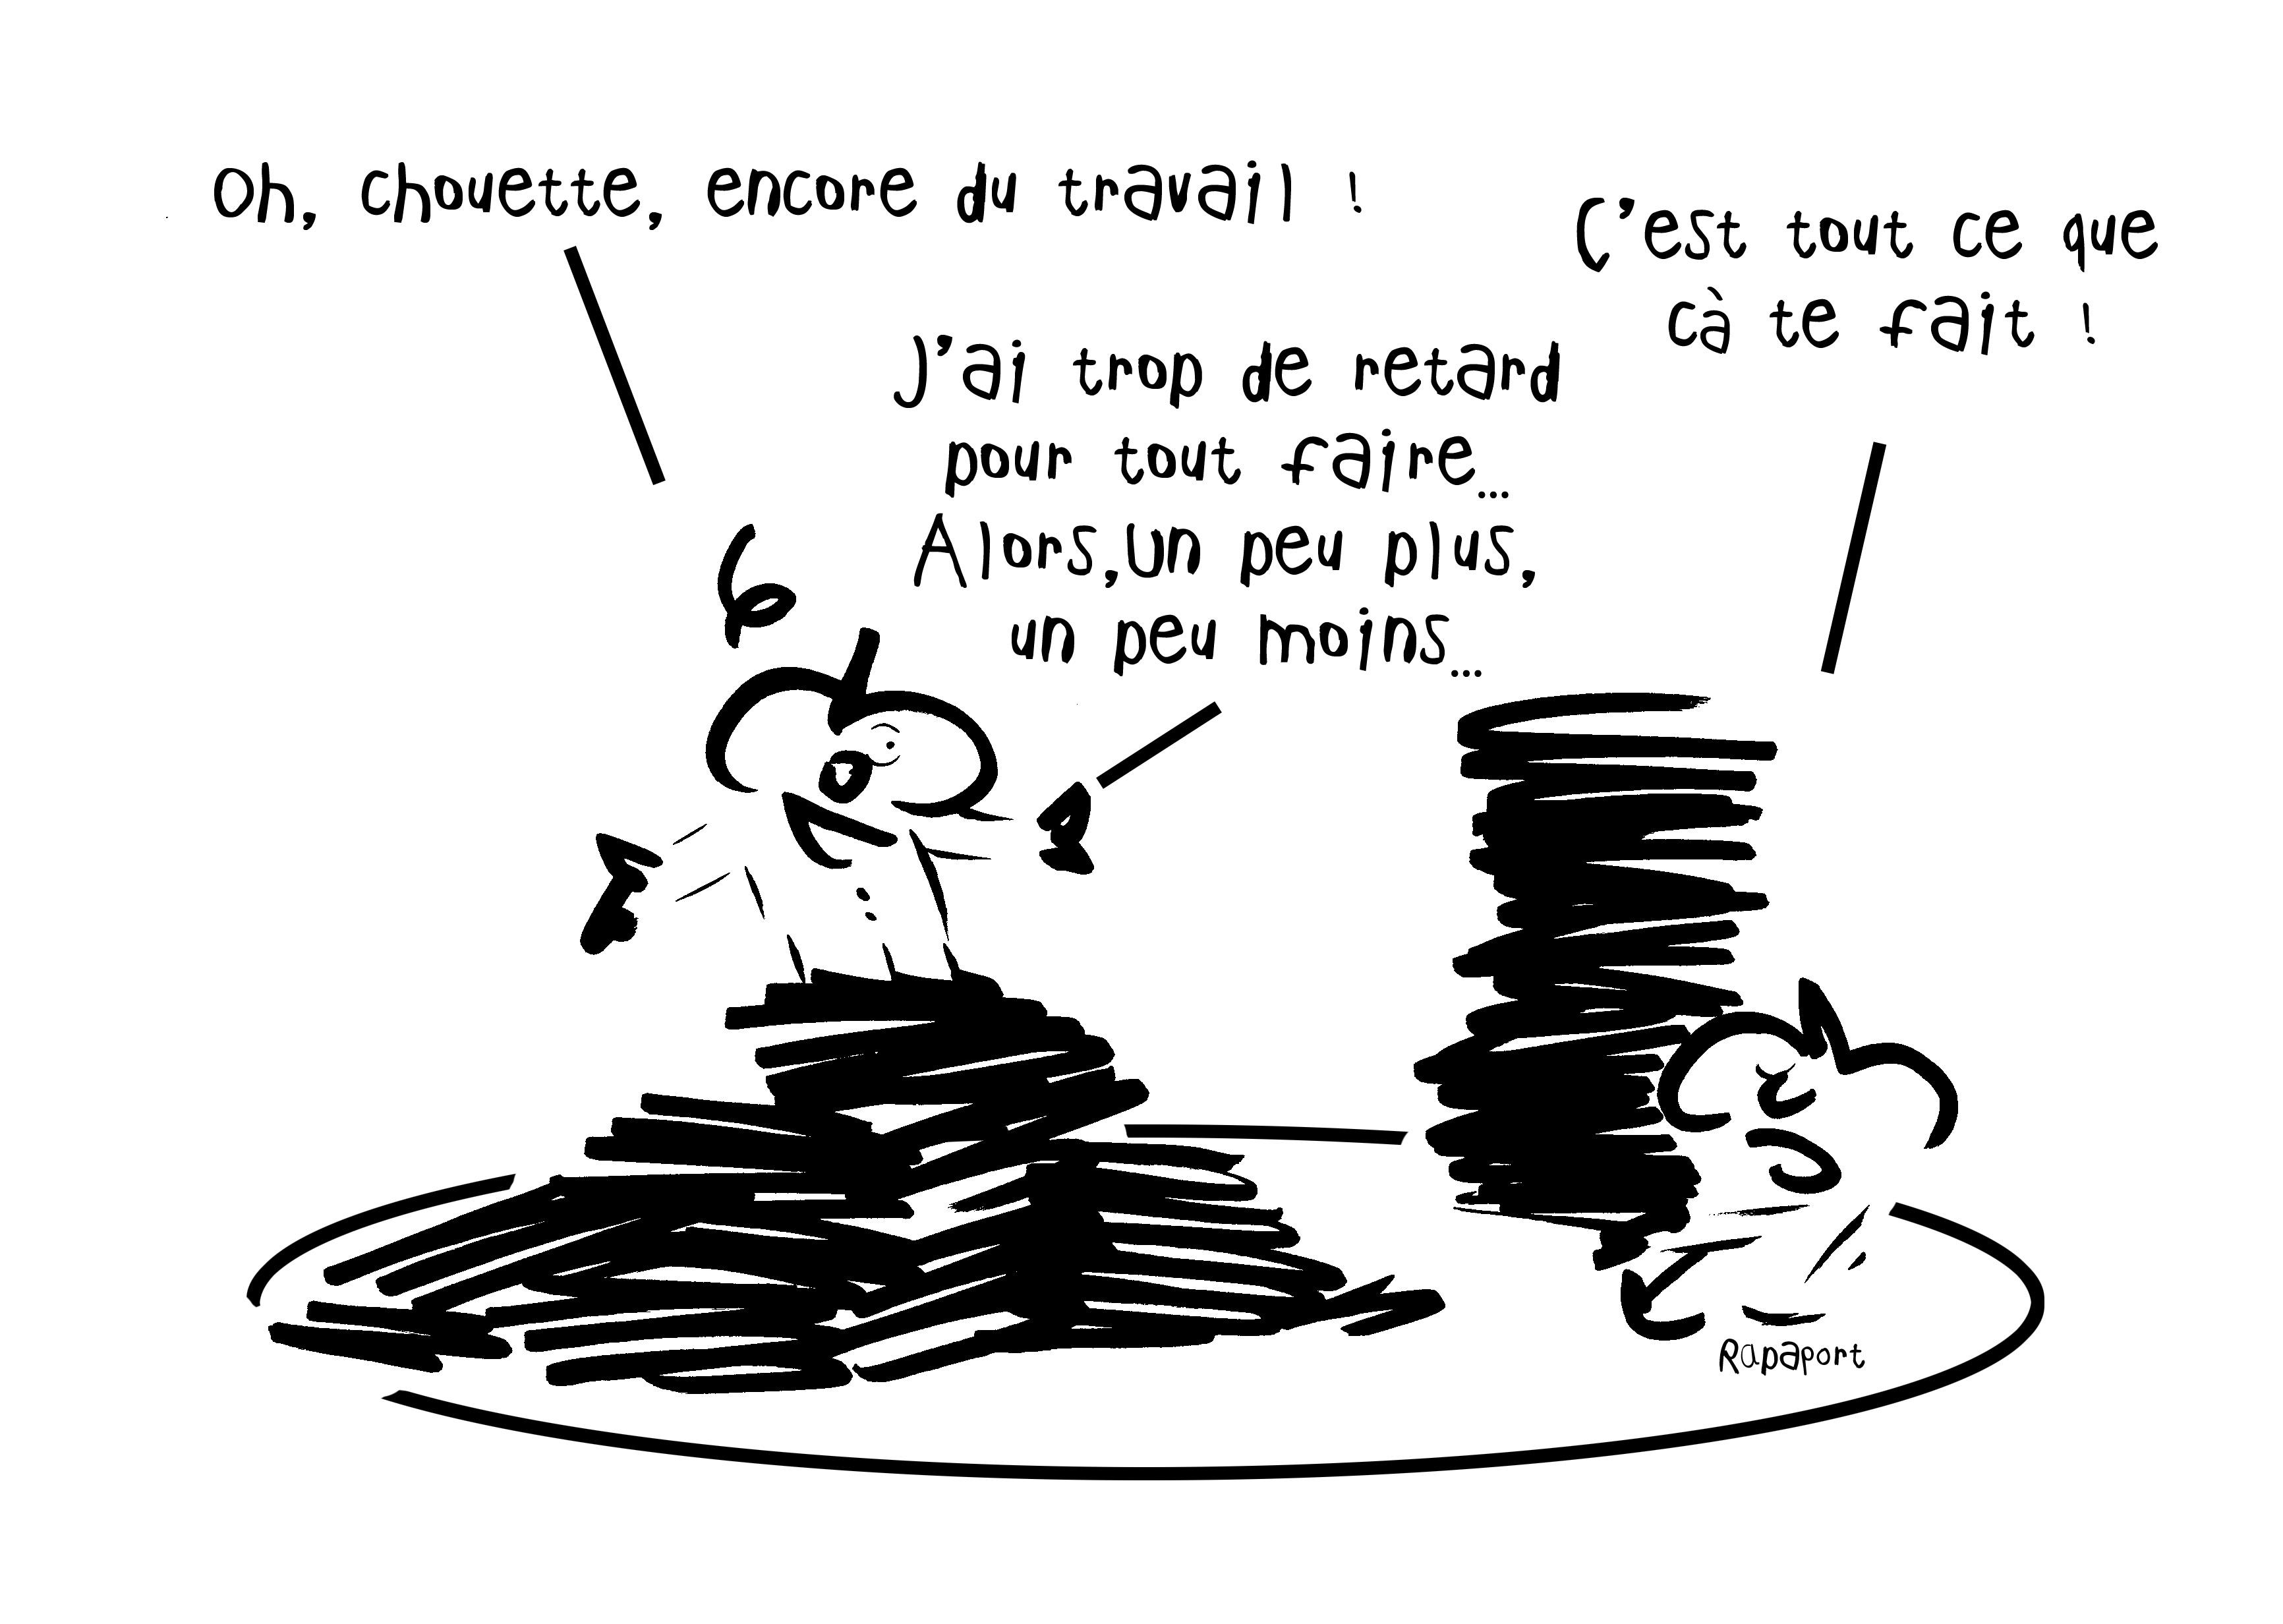 RAPAPORT DESSINS:BAROMÈTRE ENTREPRISE31